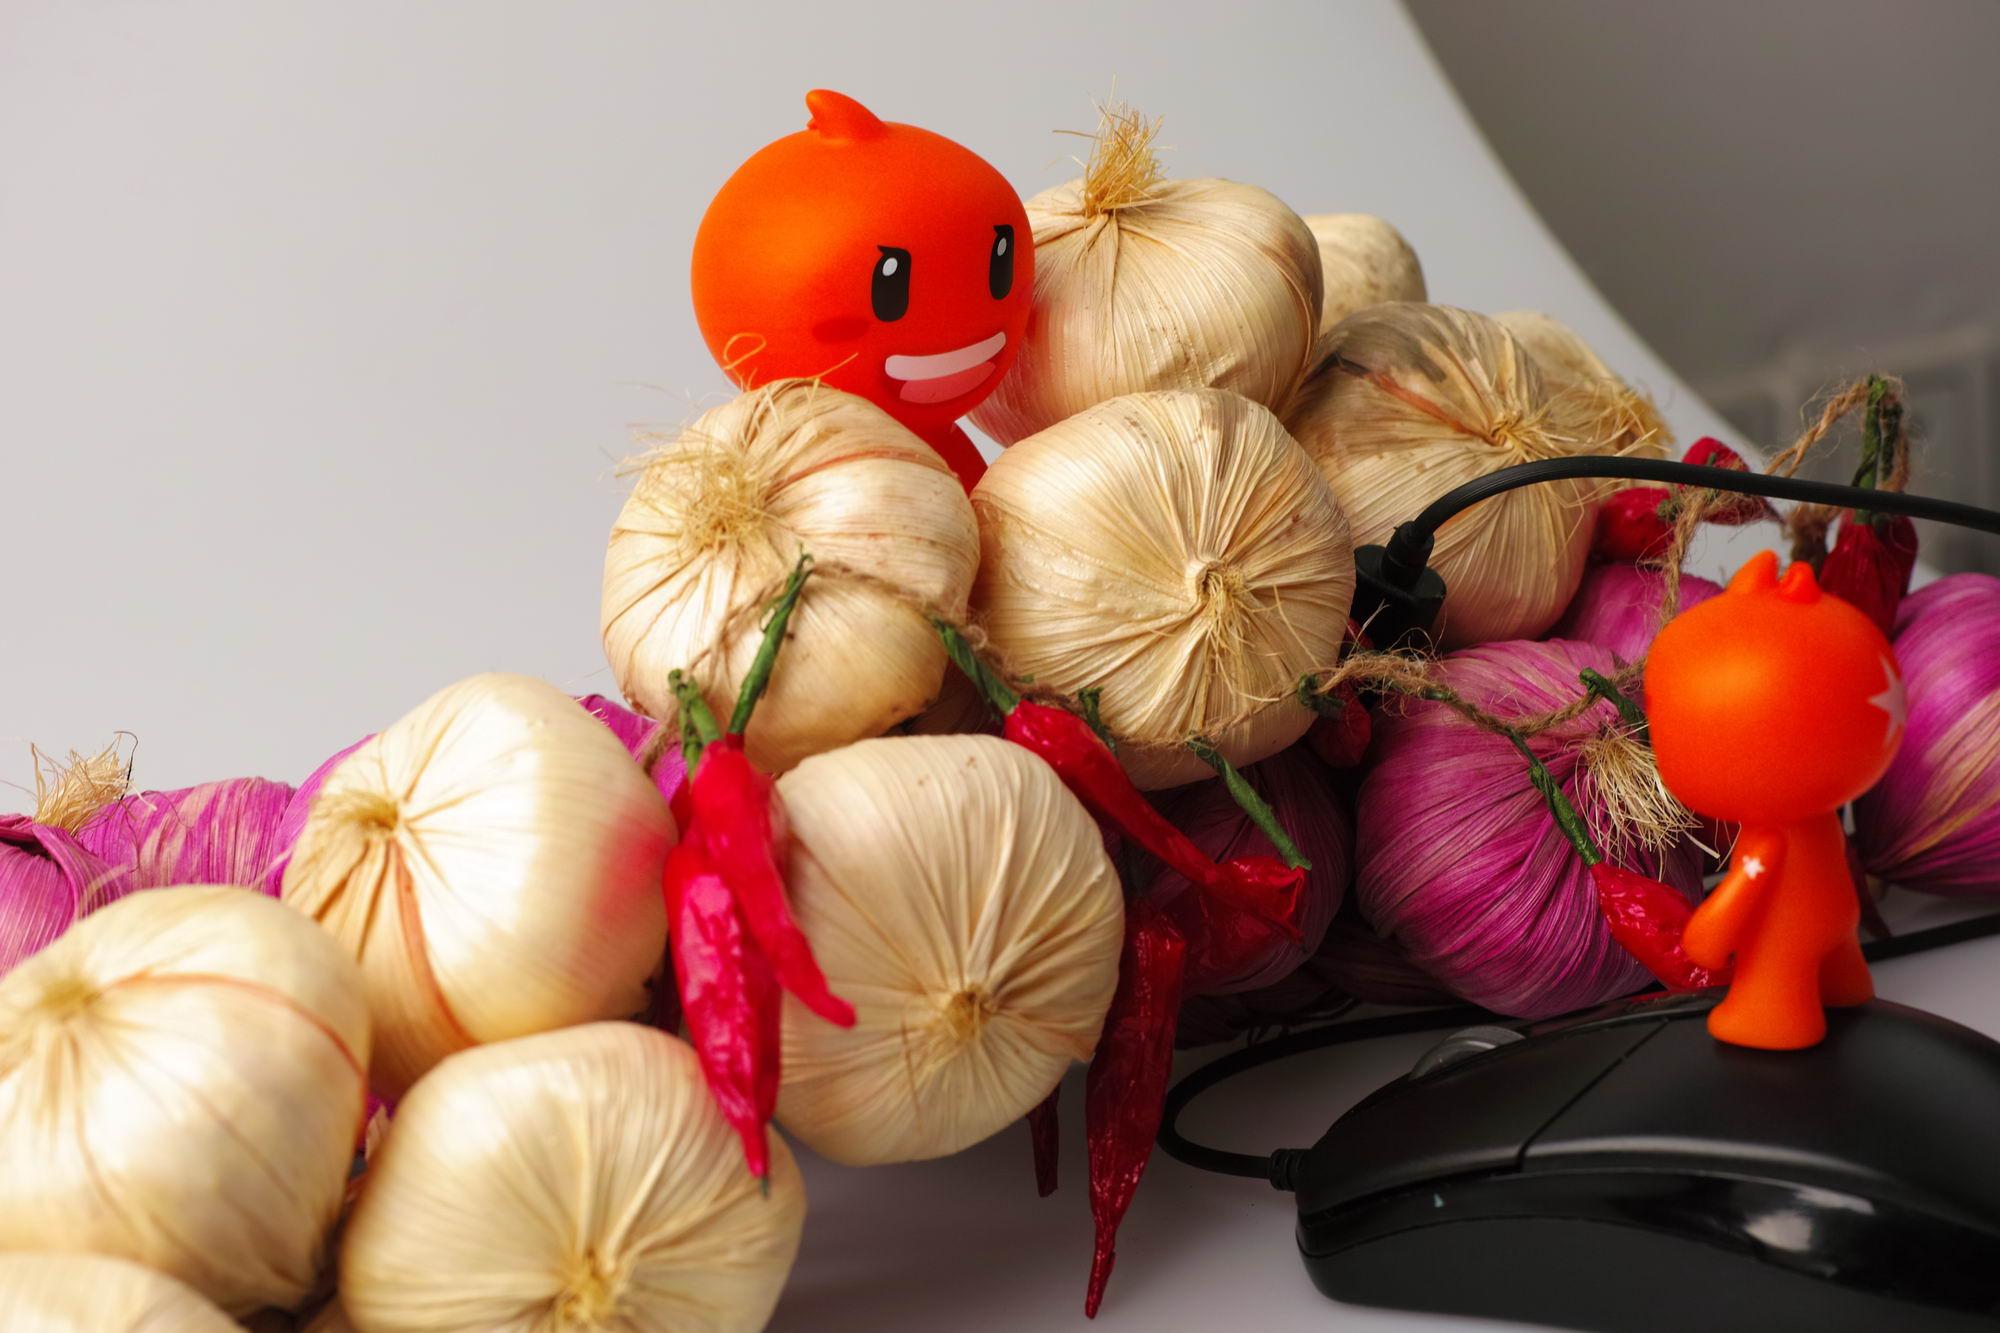 淘小铺丰收节活动一天之内售卖了15万斤蜜柚